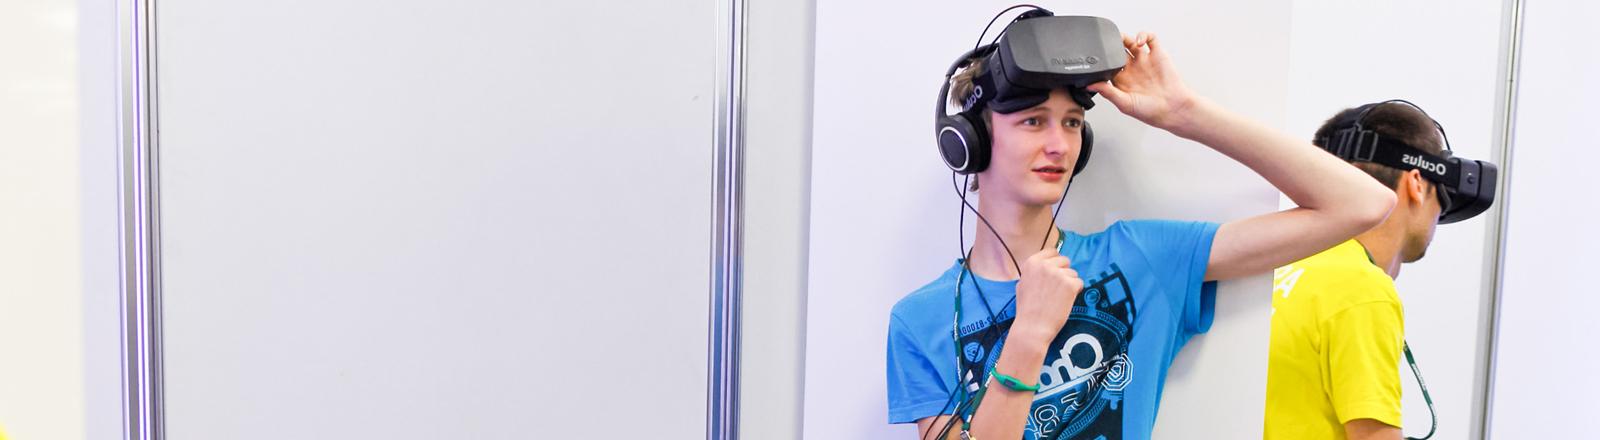 Zwei Jugendliche probieren auf der Gamescom 2013 in Köln die Virtual-Reality-Brille Oculus Rift aus.